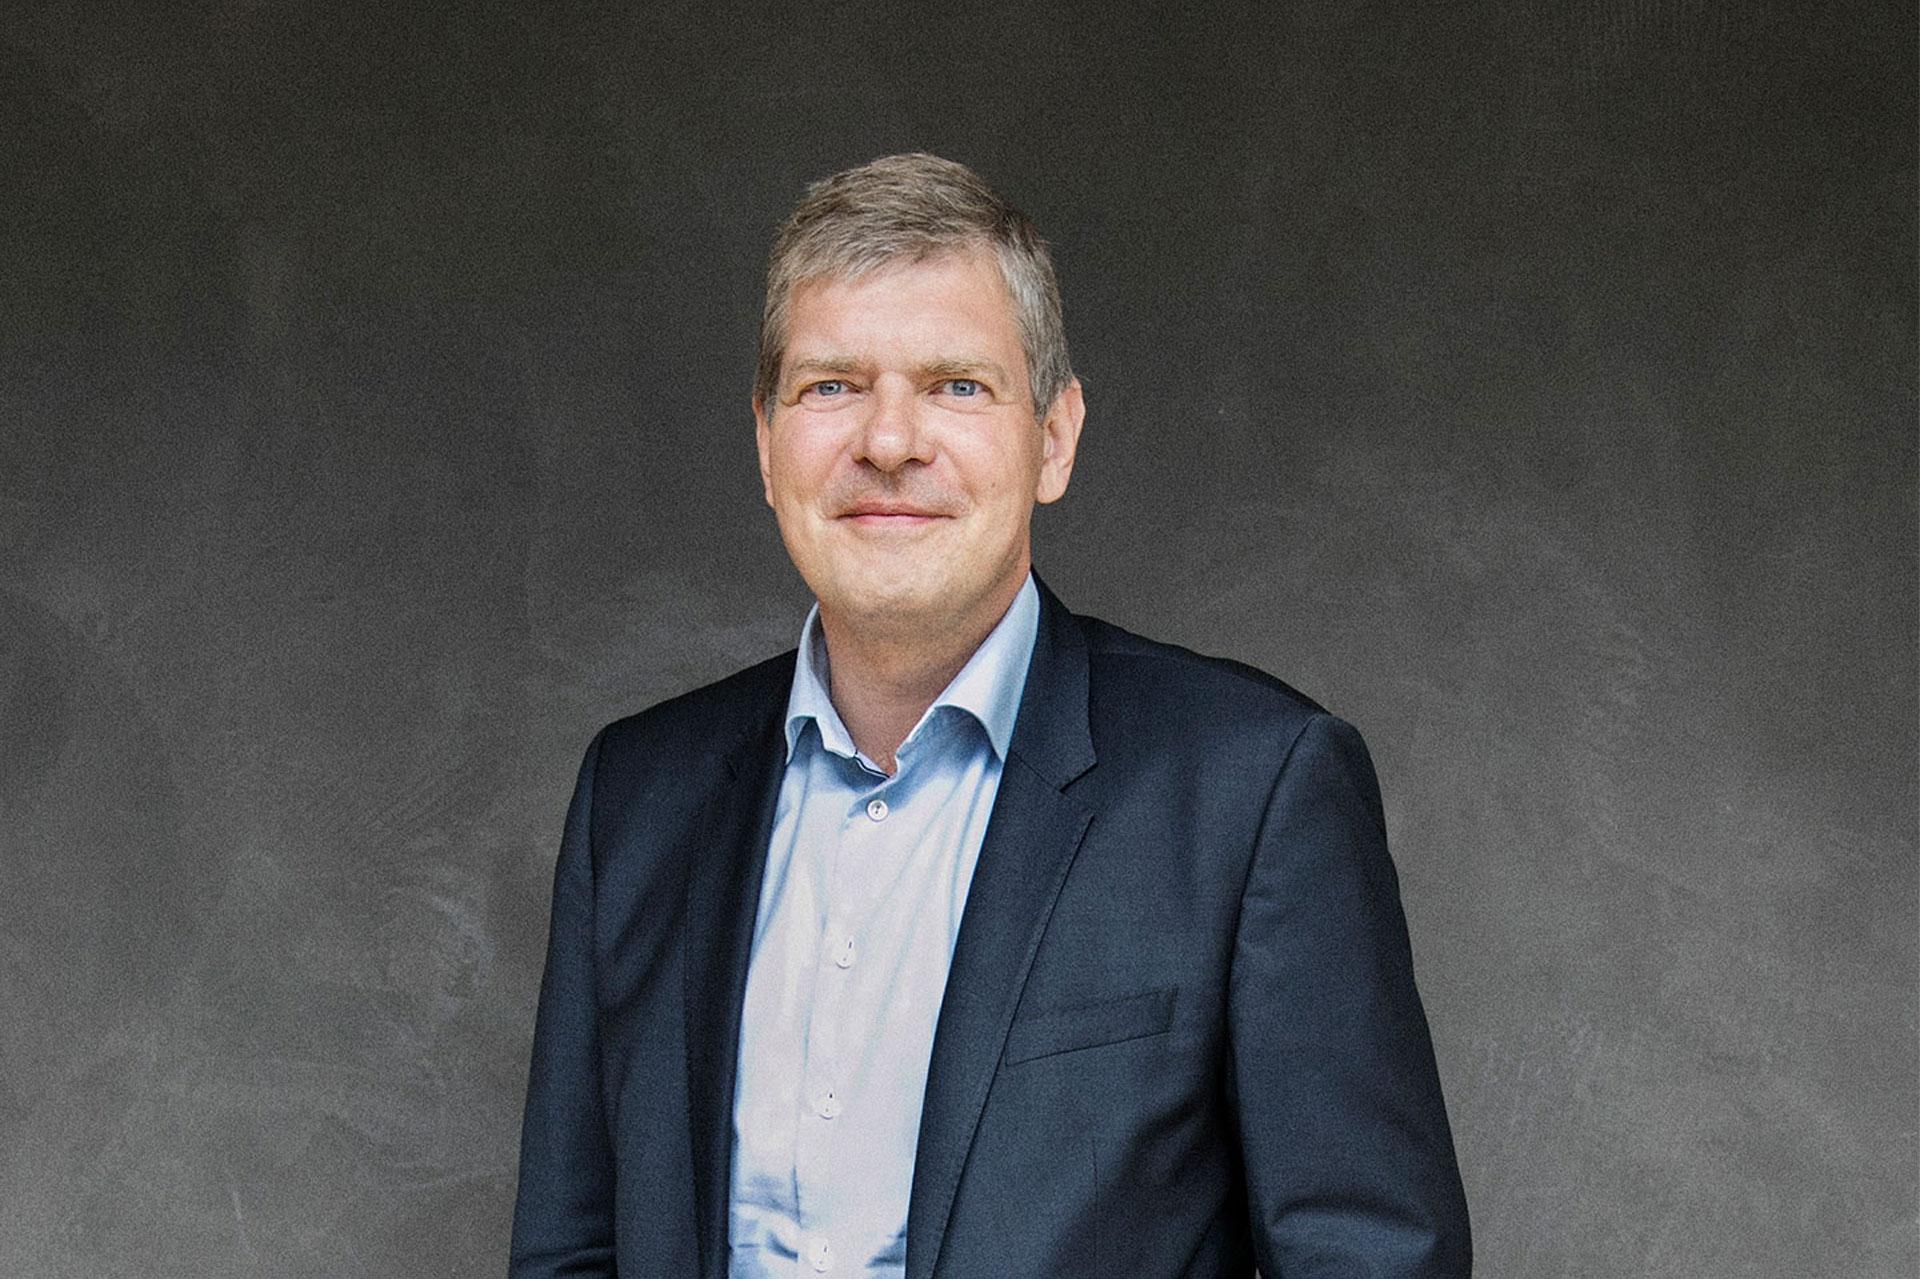 """HORESTA's kommende nye administrerende direktør, Jannick Nytoft, er hentet uden for hotel- og restaurationsbranchen. """"Jeg ser mange muligheder for at udvikle organisationen yderligere,"""" siger han. Foto via HORESTA."""